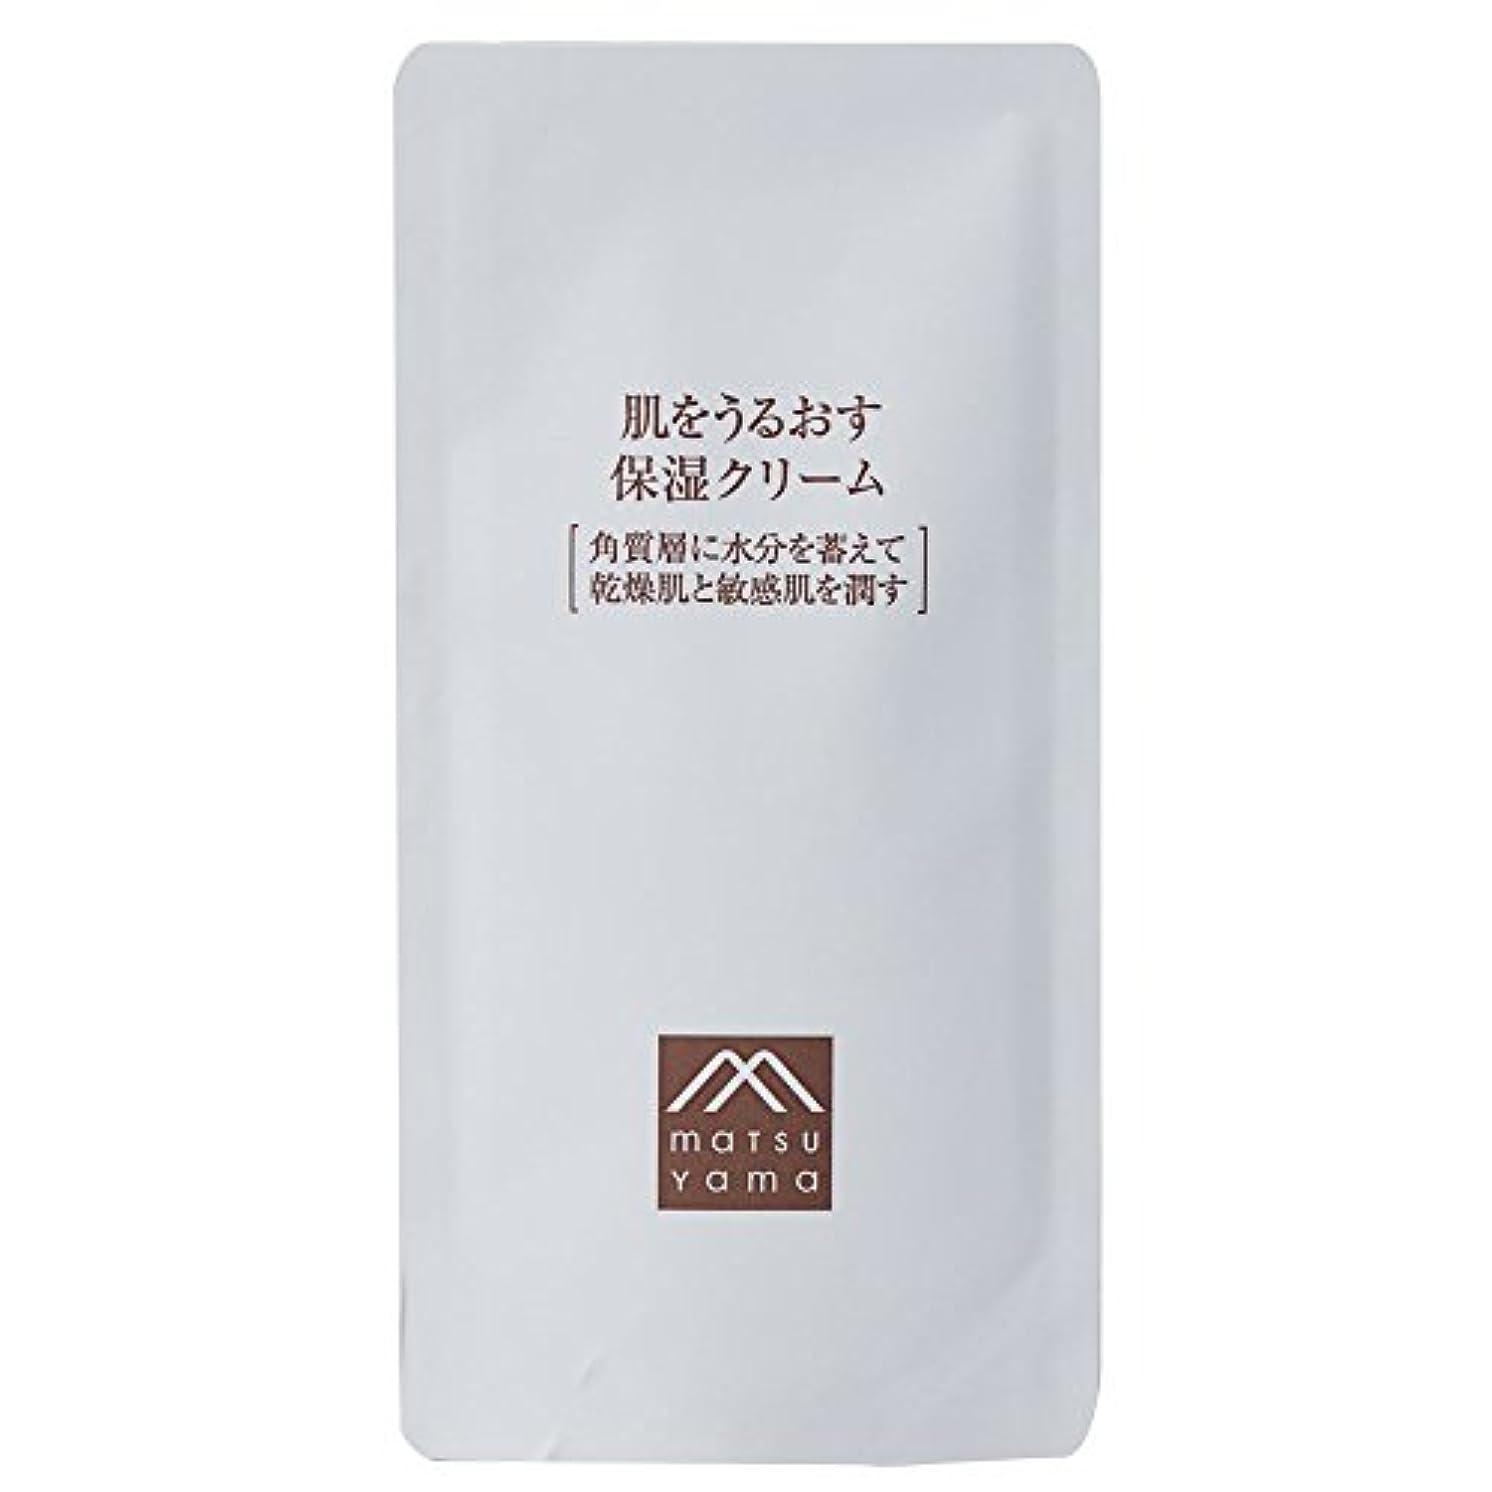 入札メタリックミシン目肌をうるおす保湿クリーム 詰替用(クリーム) 濃厚クリーム [乾燥肌 敏感肌]